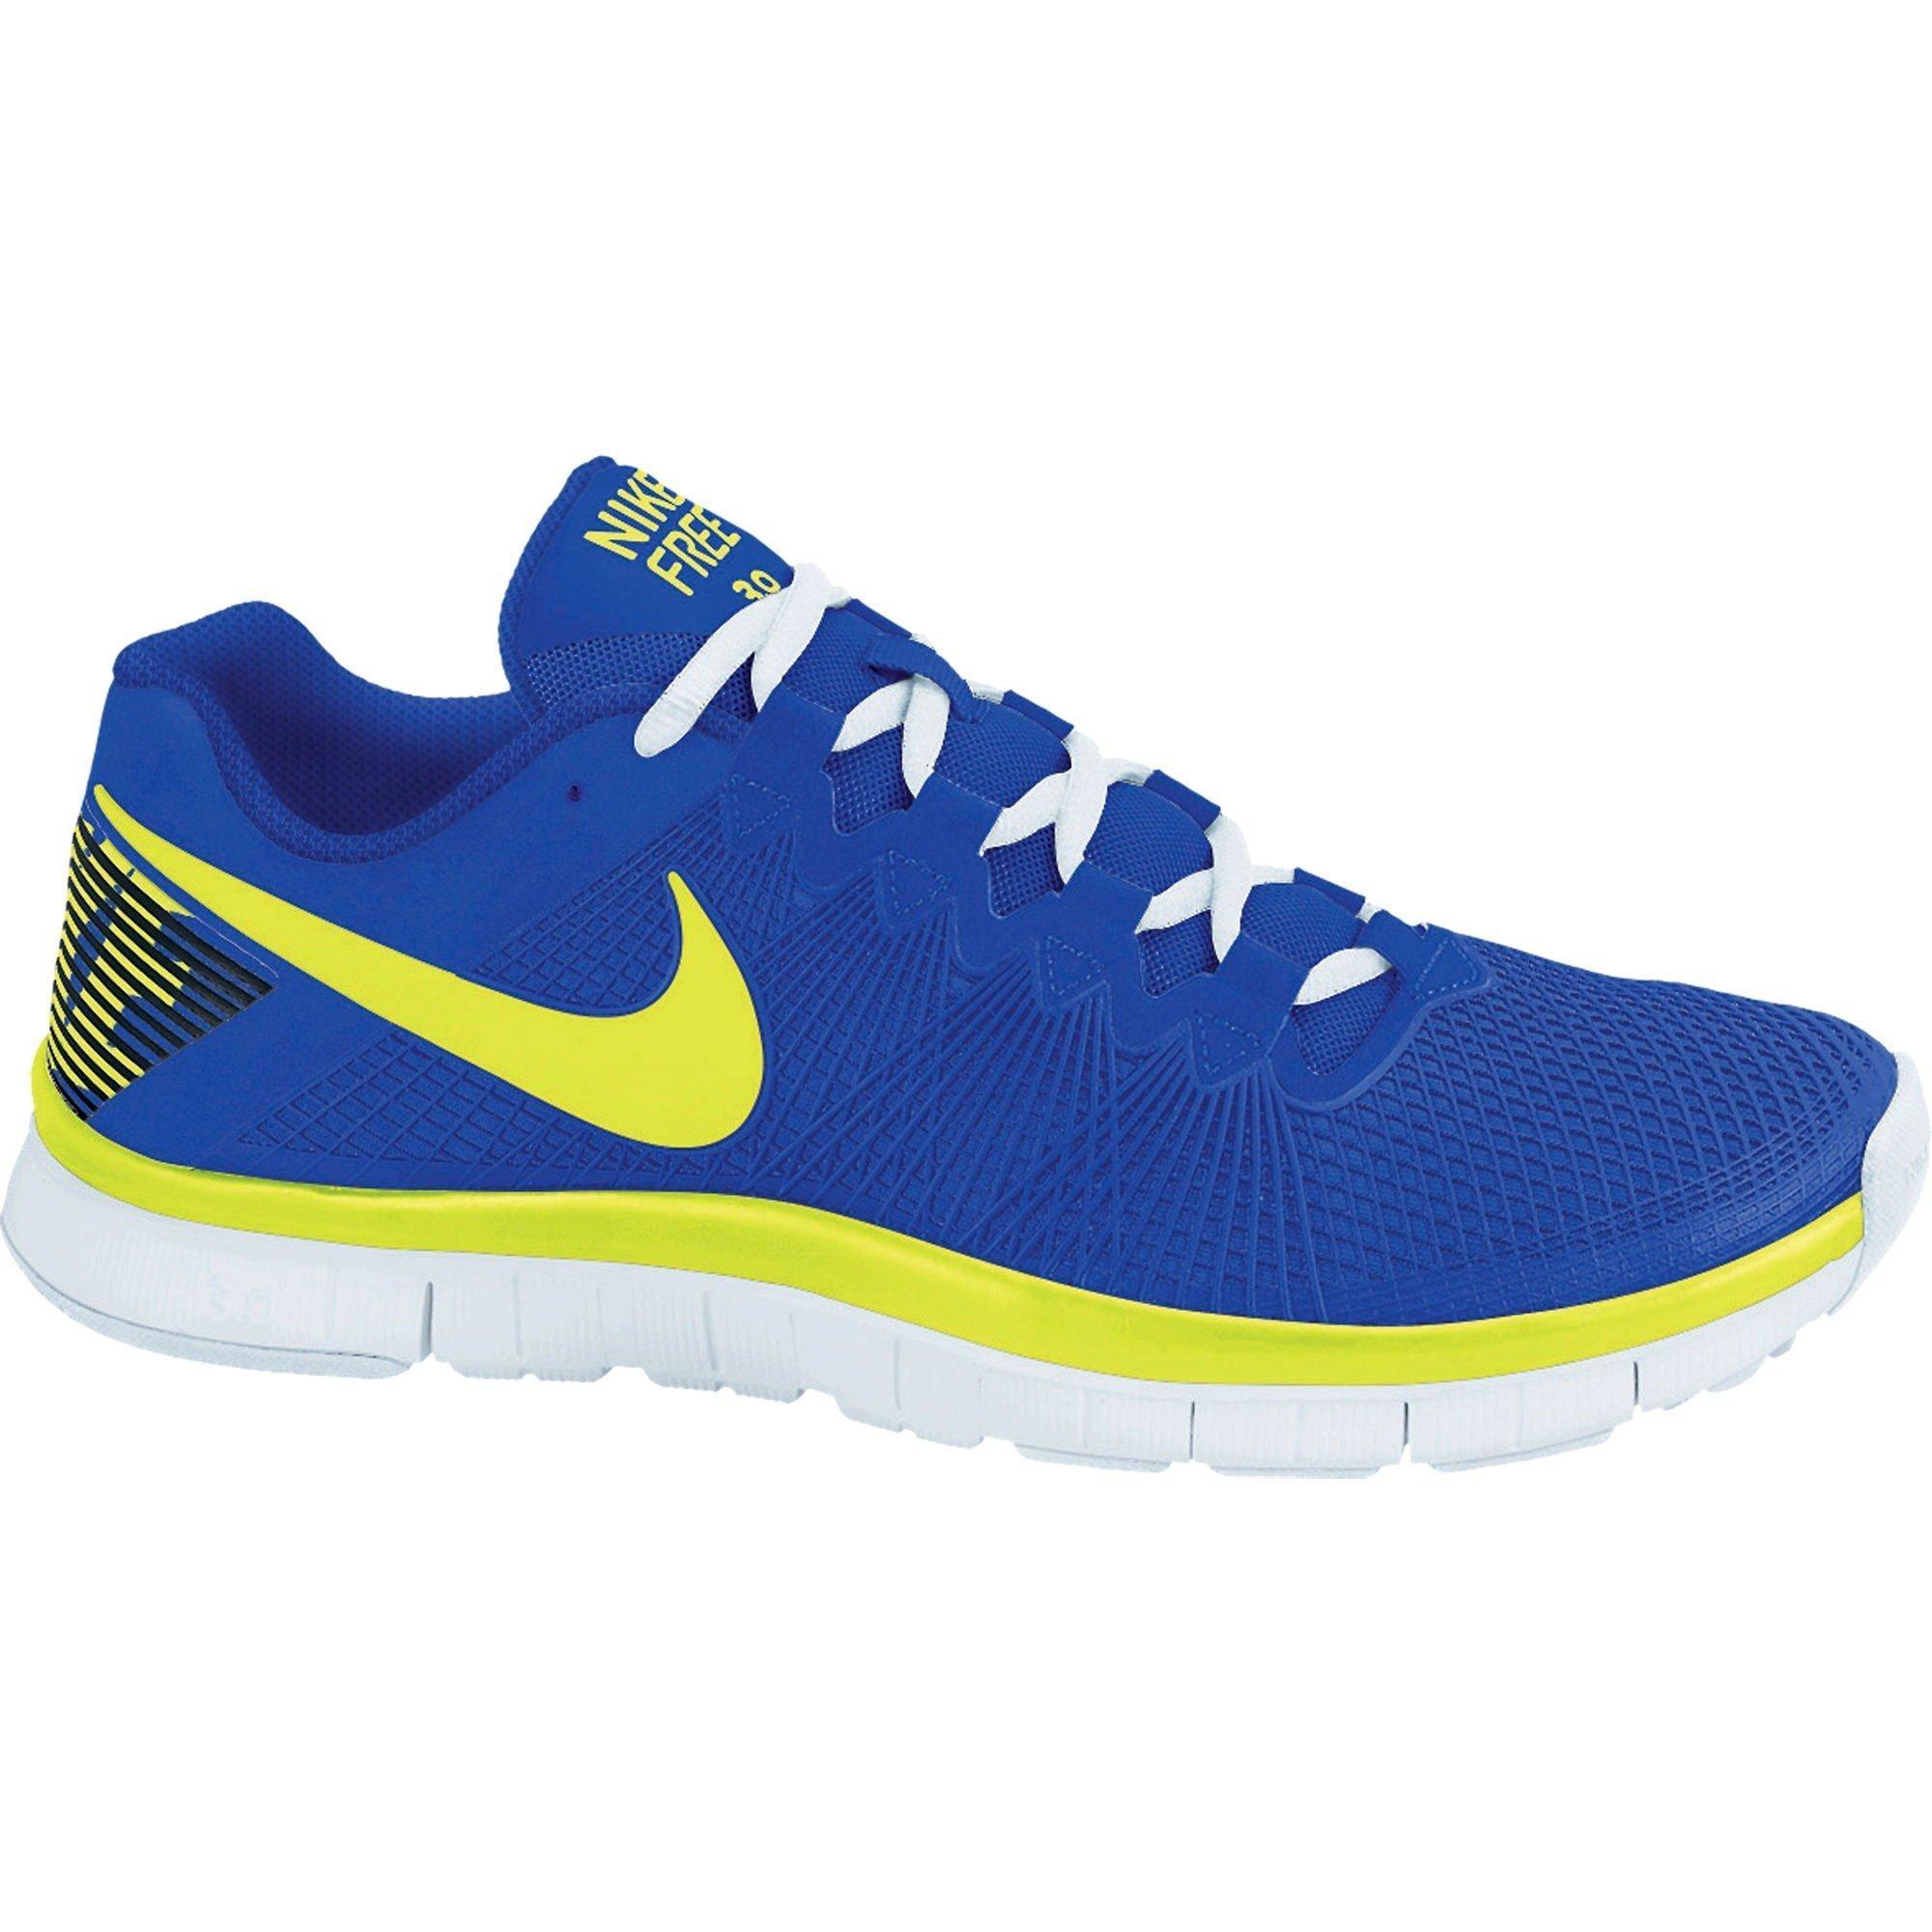 Billede af Nike Free 3.0 Training